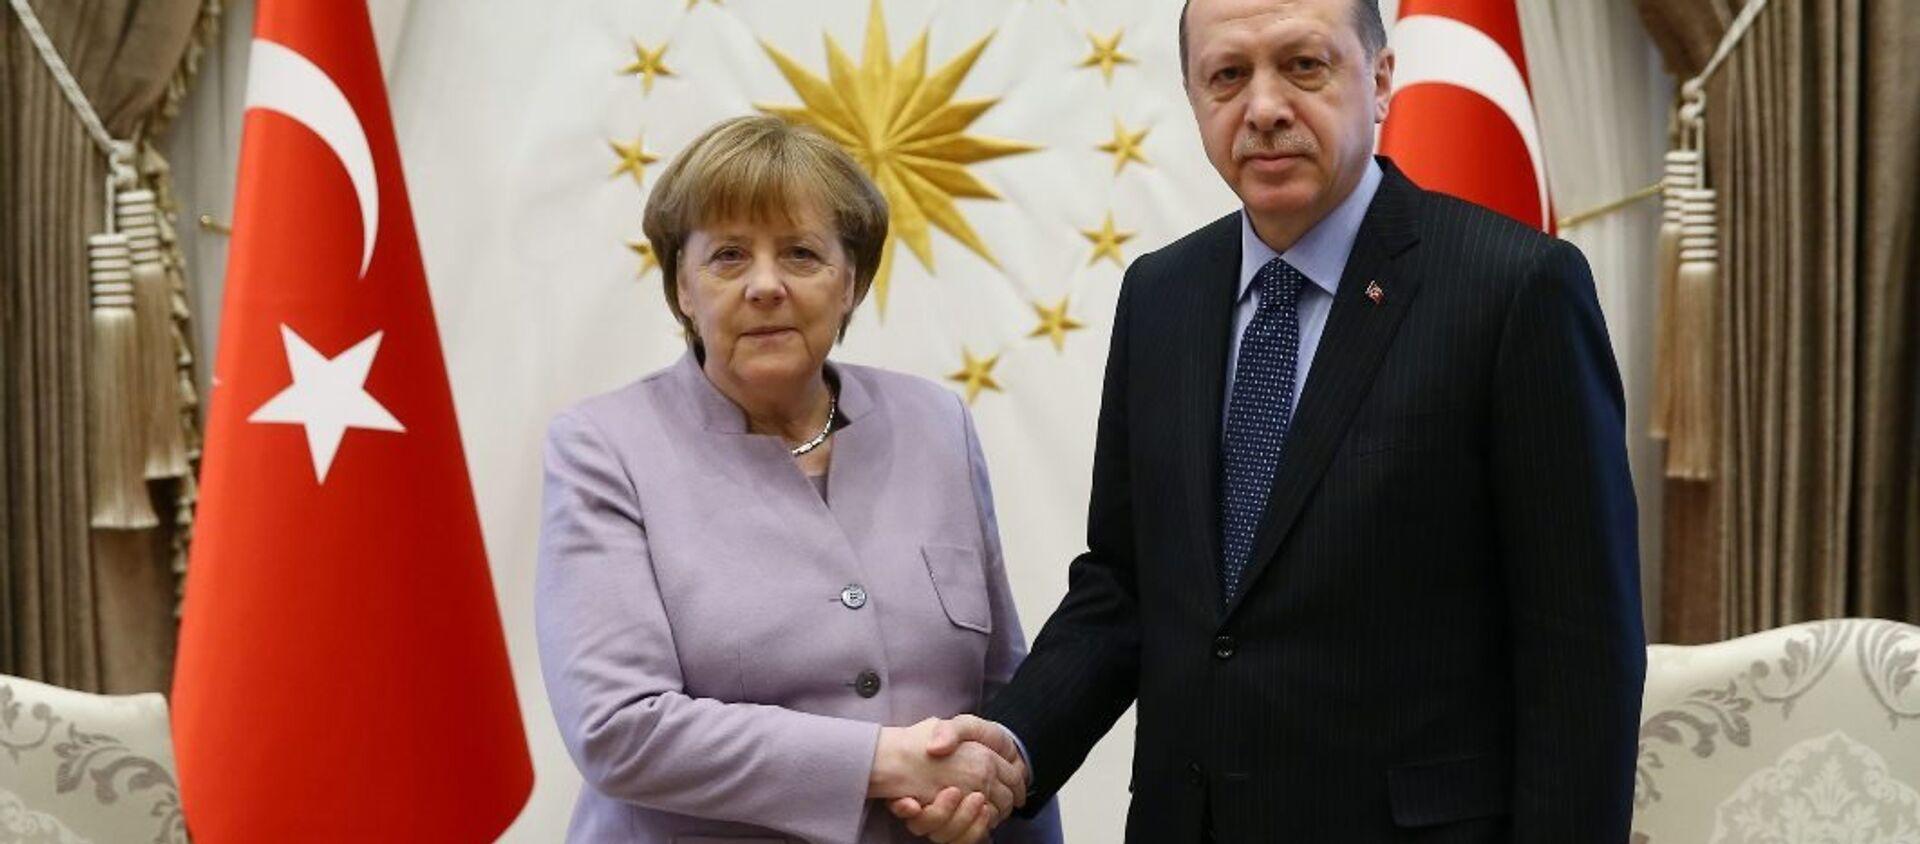 Almanya Başbakanı Angela Merkel- Türkiye Cumhurbaşkanı Recep Tayyip Erdoğan - Sputnik Türkiye, 1920, 23.03.2021